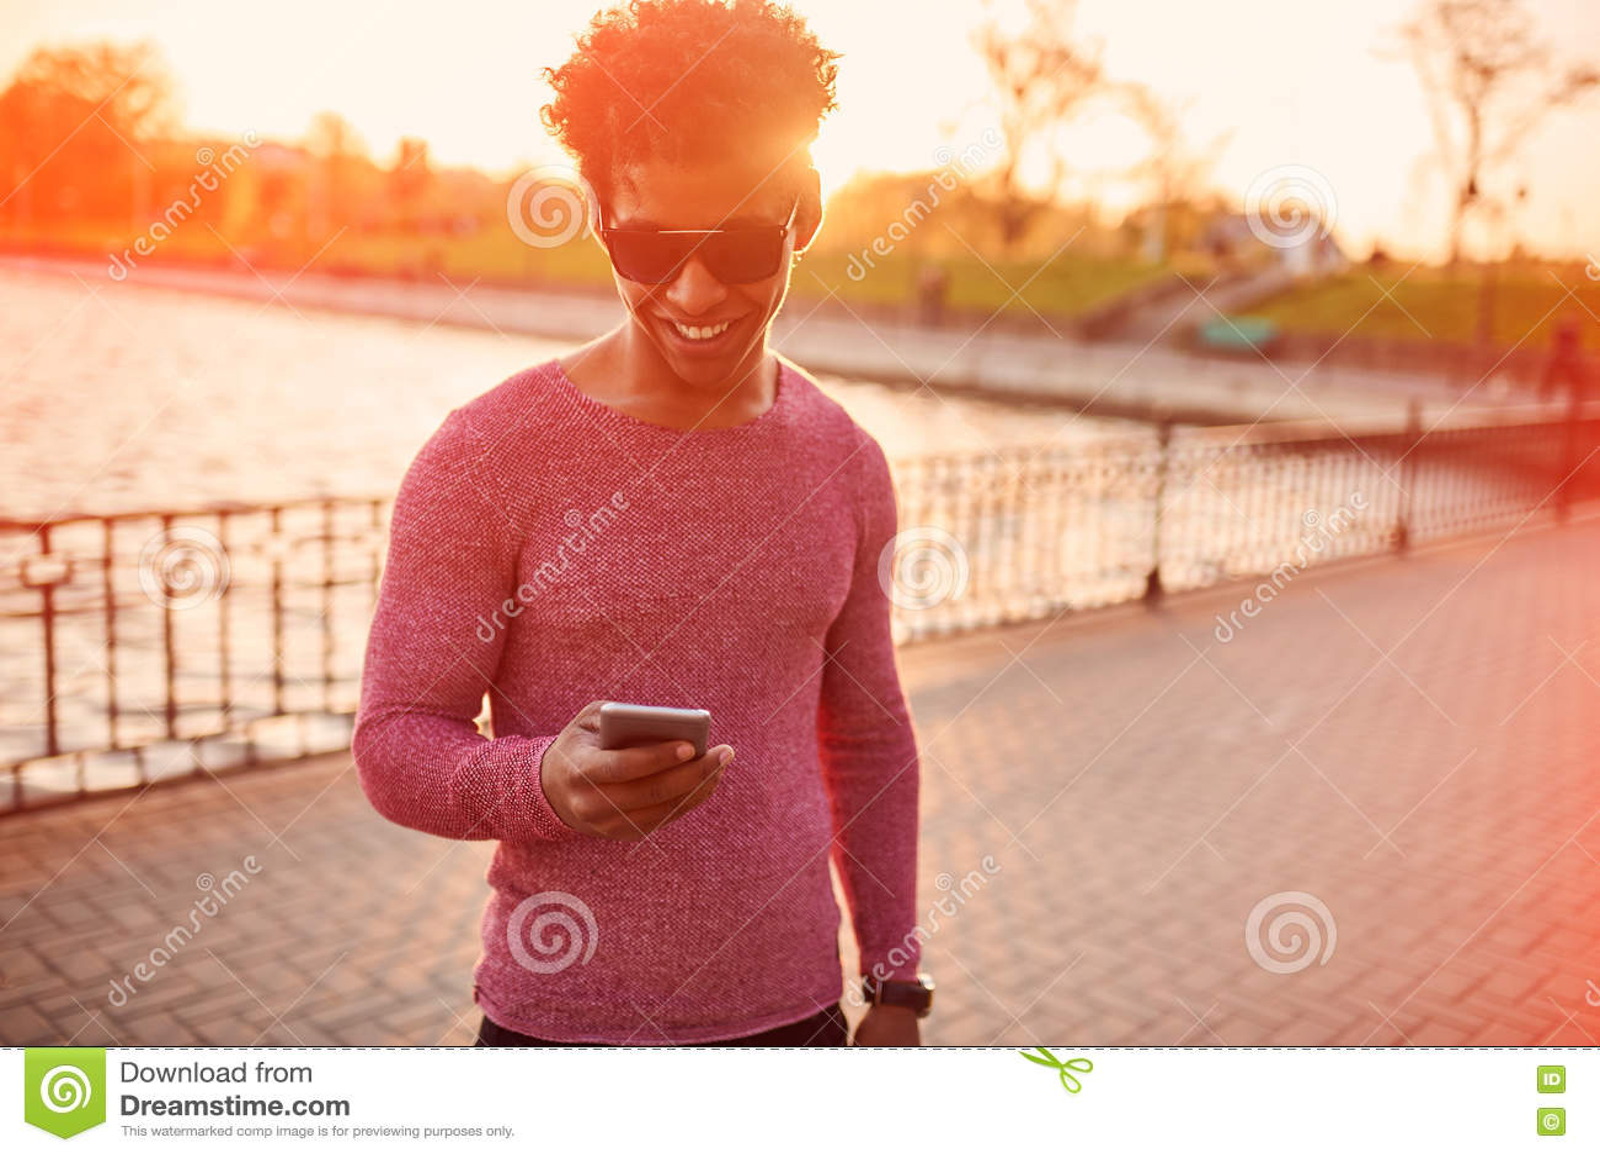 Έννοια τρόπου ζωής μόδας πορτρέτο του ευτυχούς εύθυμου ελκυστικού μαύρου στα μοντέρνα γυαλιά ηλίου που έχουν το σερφ διασκέδασης